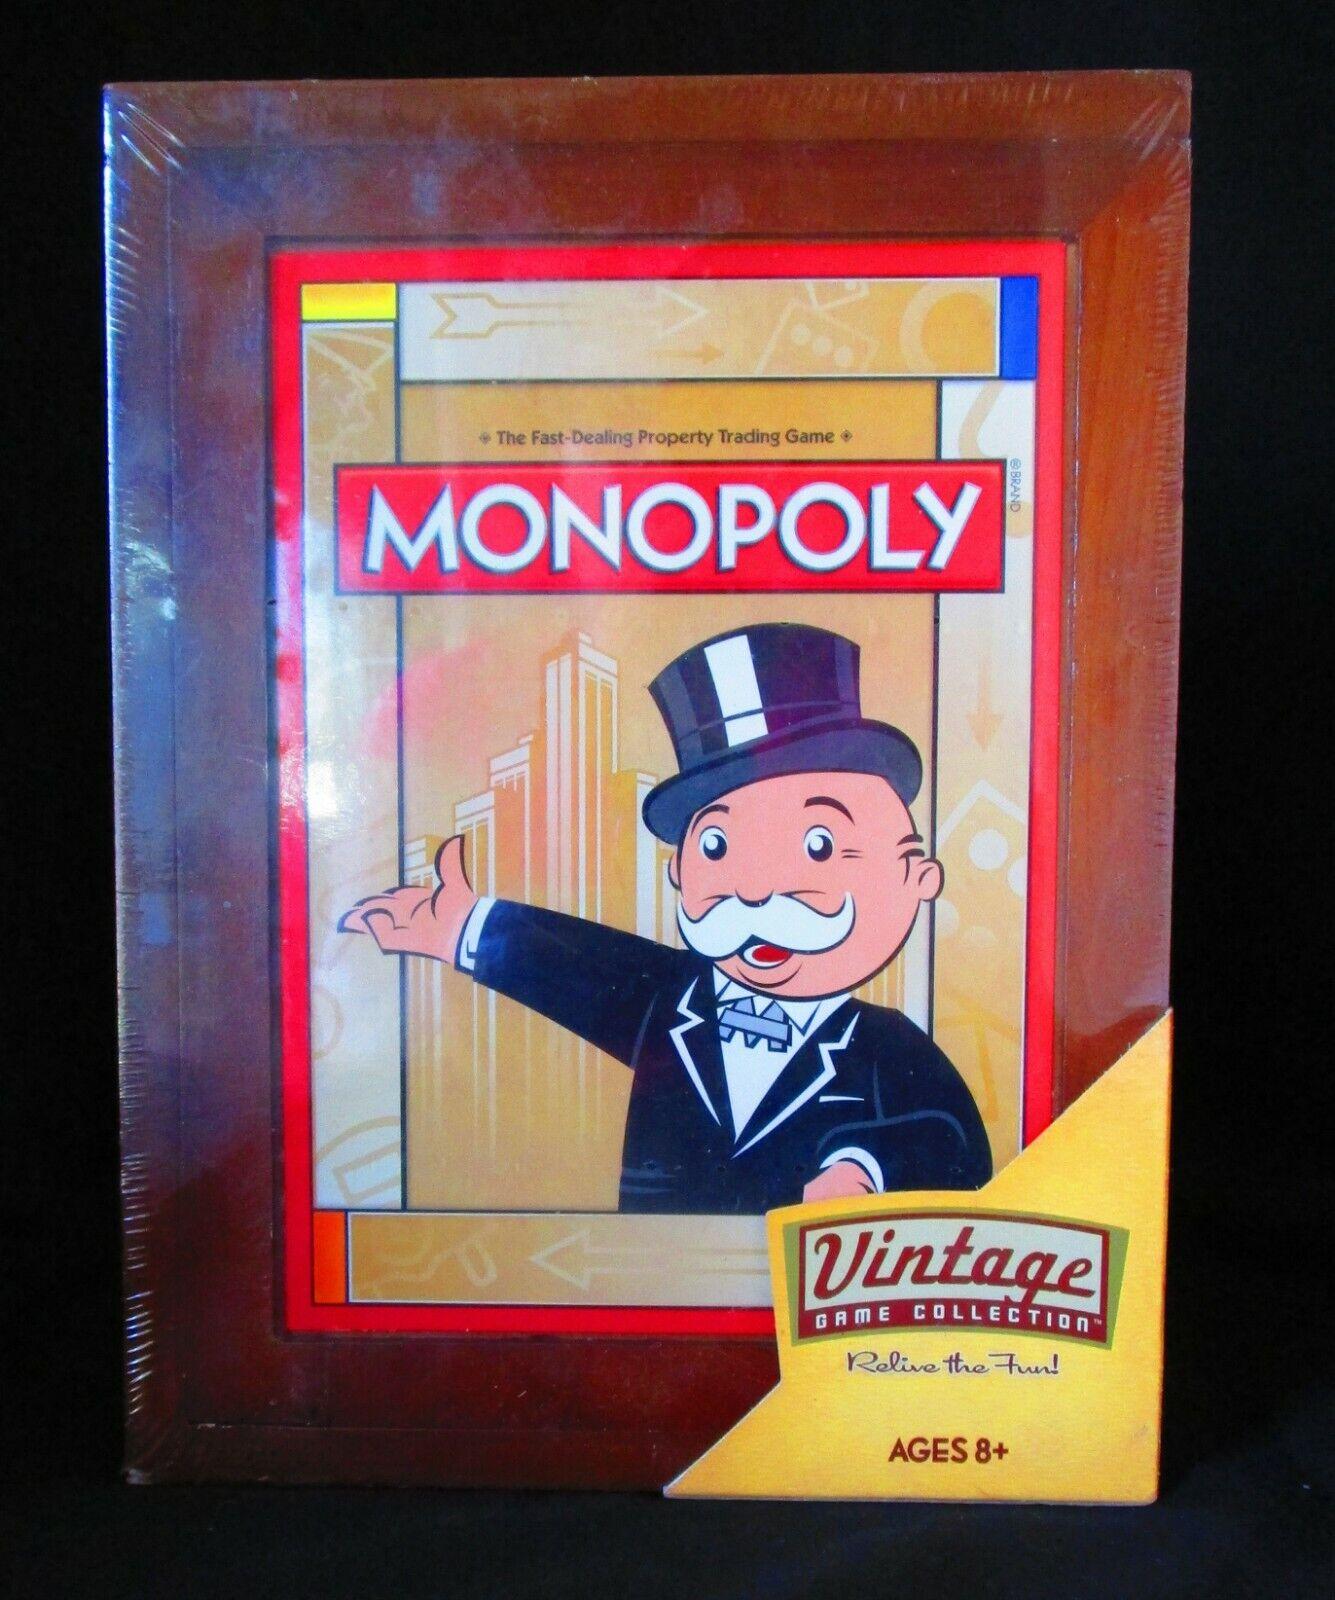 Monopoly Vintage Game Collection (2009) boîte en bois  Neuf en boîte scellée